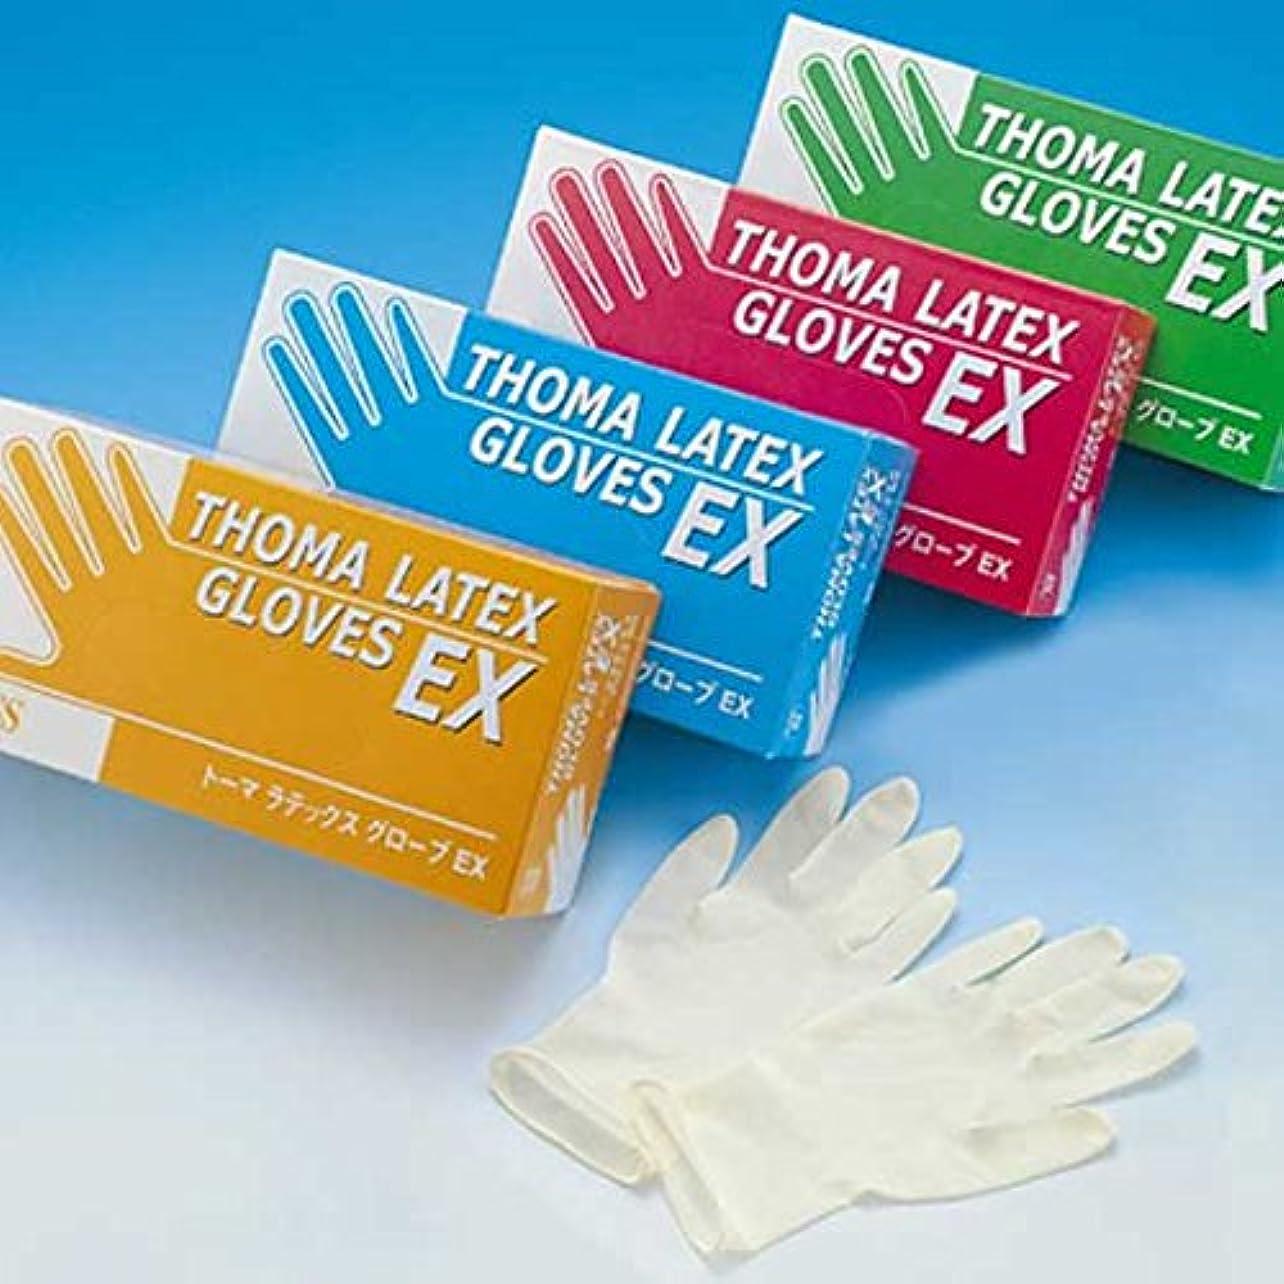 スポンジ狂うひどくトーマラテックス手袋EX 天然ゴム 使い捨て手袋 粉つき2000枚 (100枚入り×20箱)まとめ買い (SS)